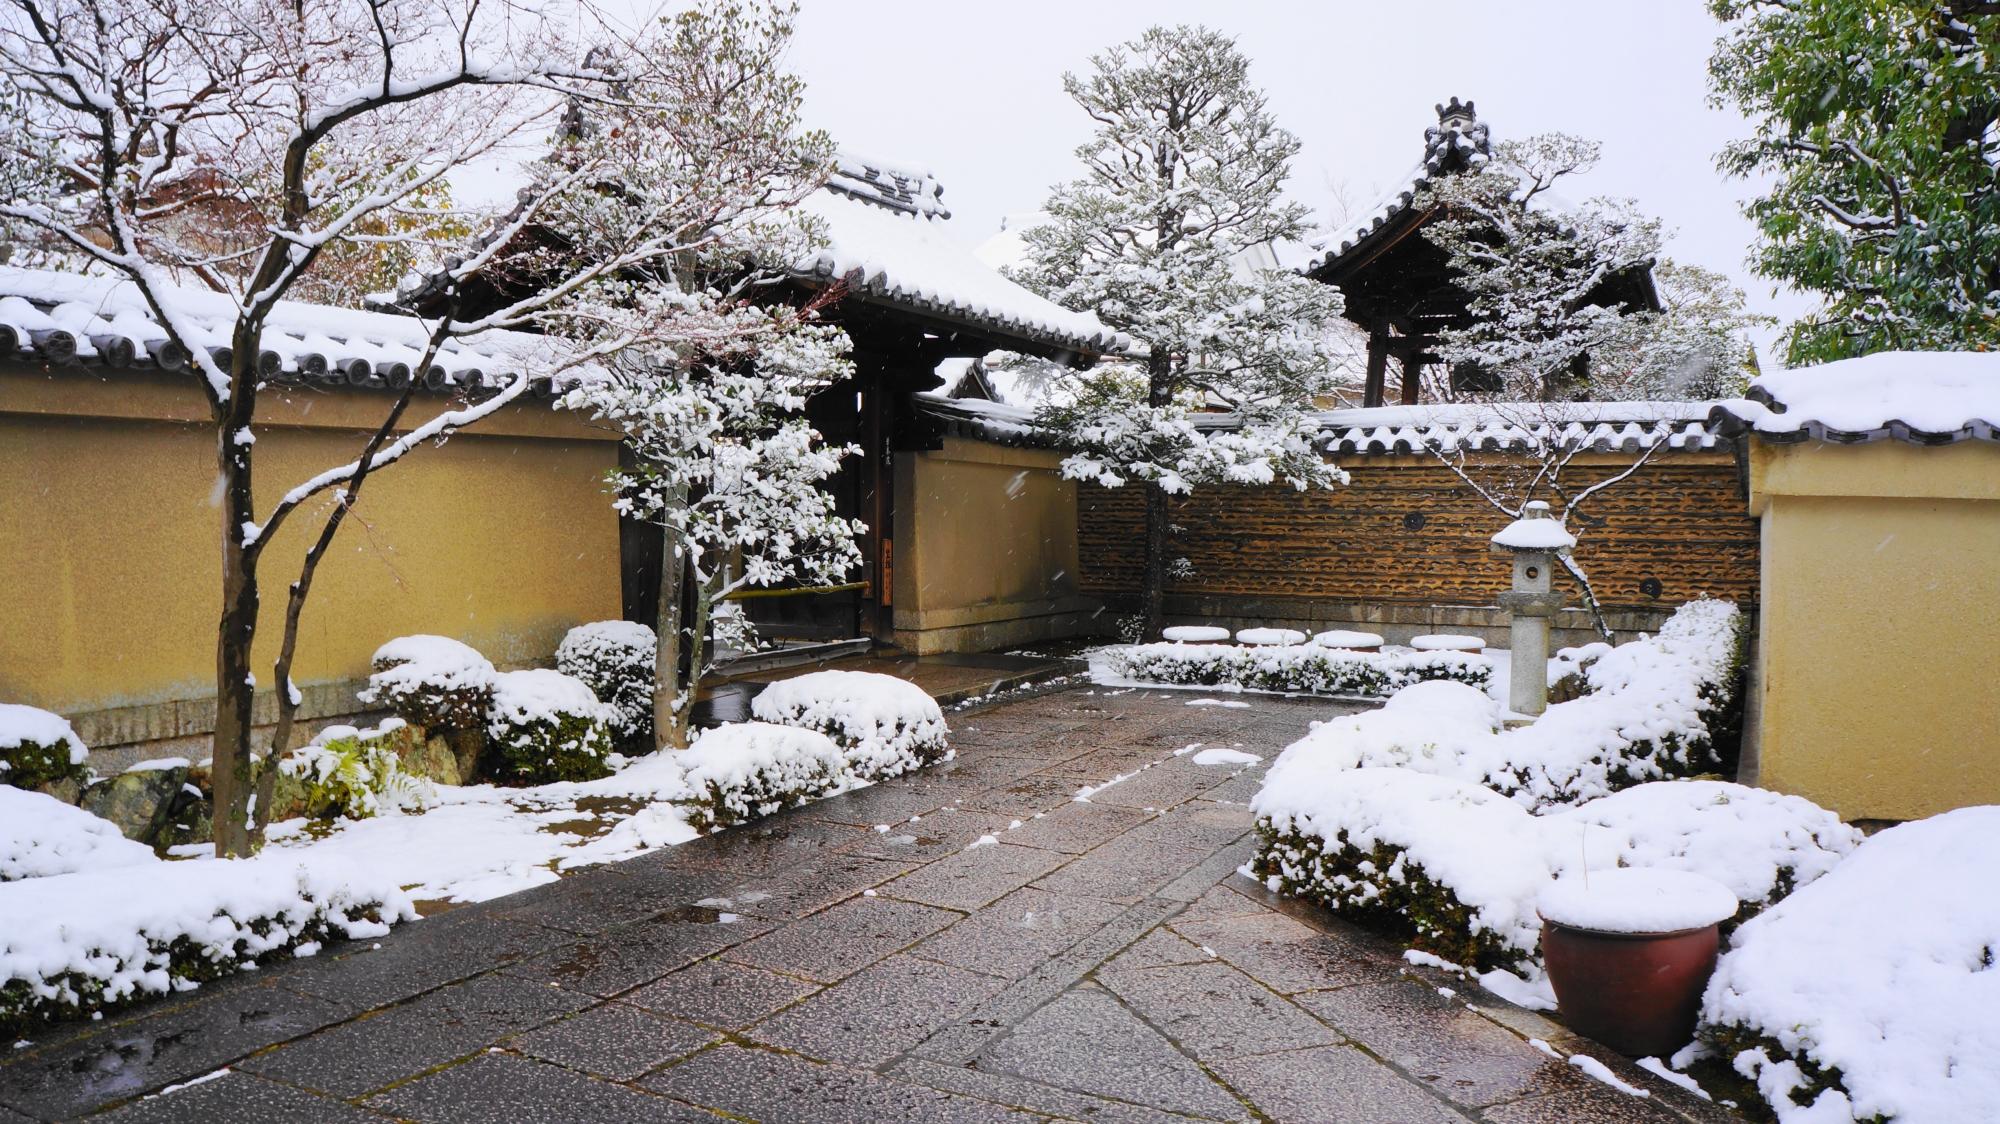 芳春院の参道の奥の方の雪景色